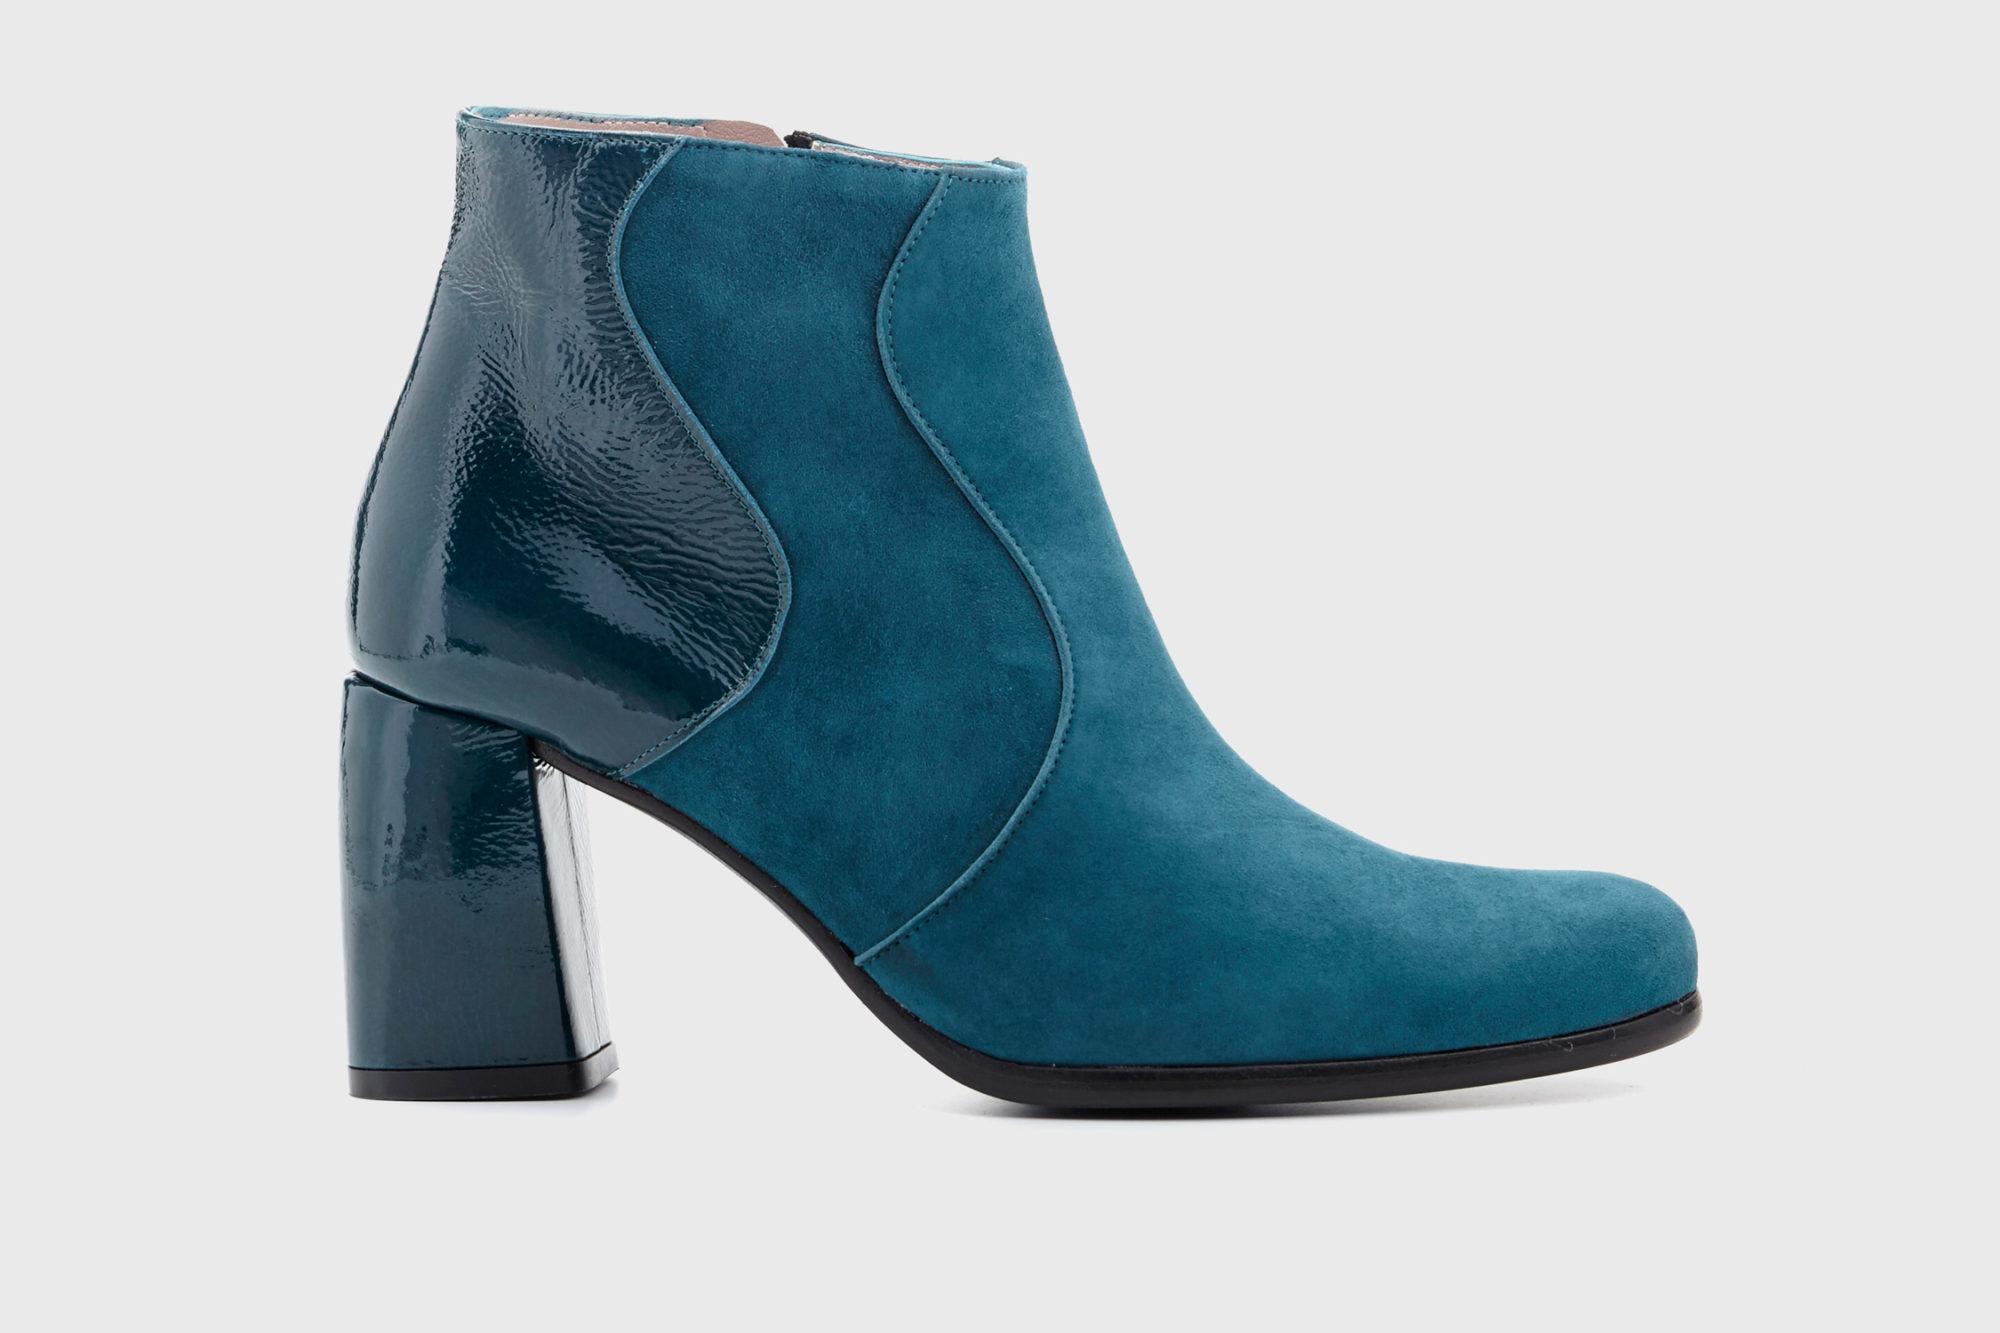 Dorotea botín de tacón alto Ruby azul lago fw17 perfil